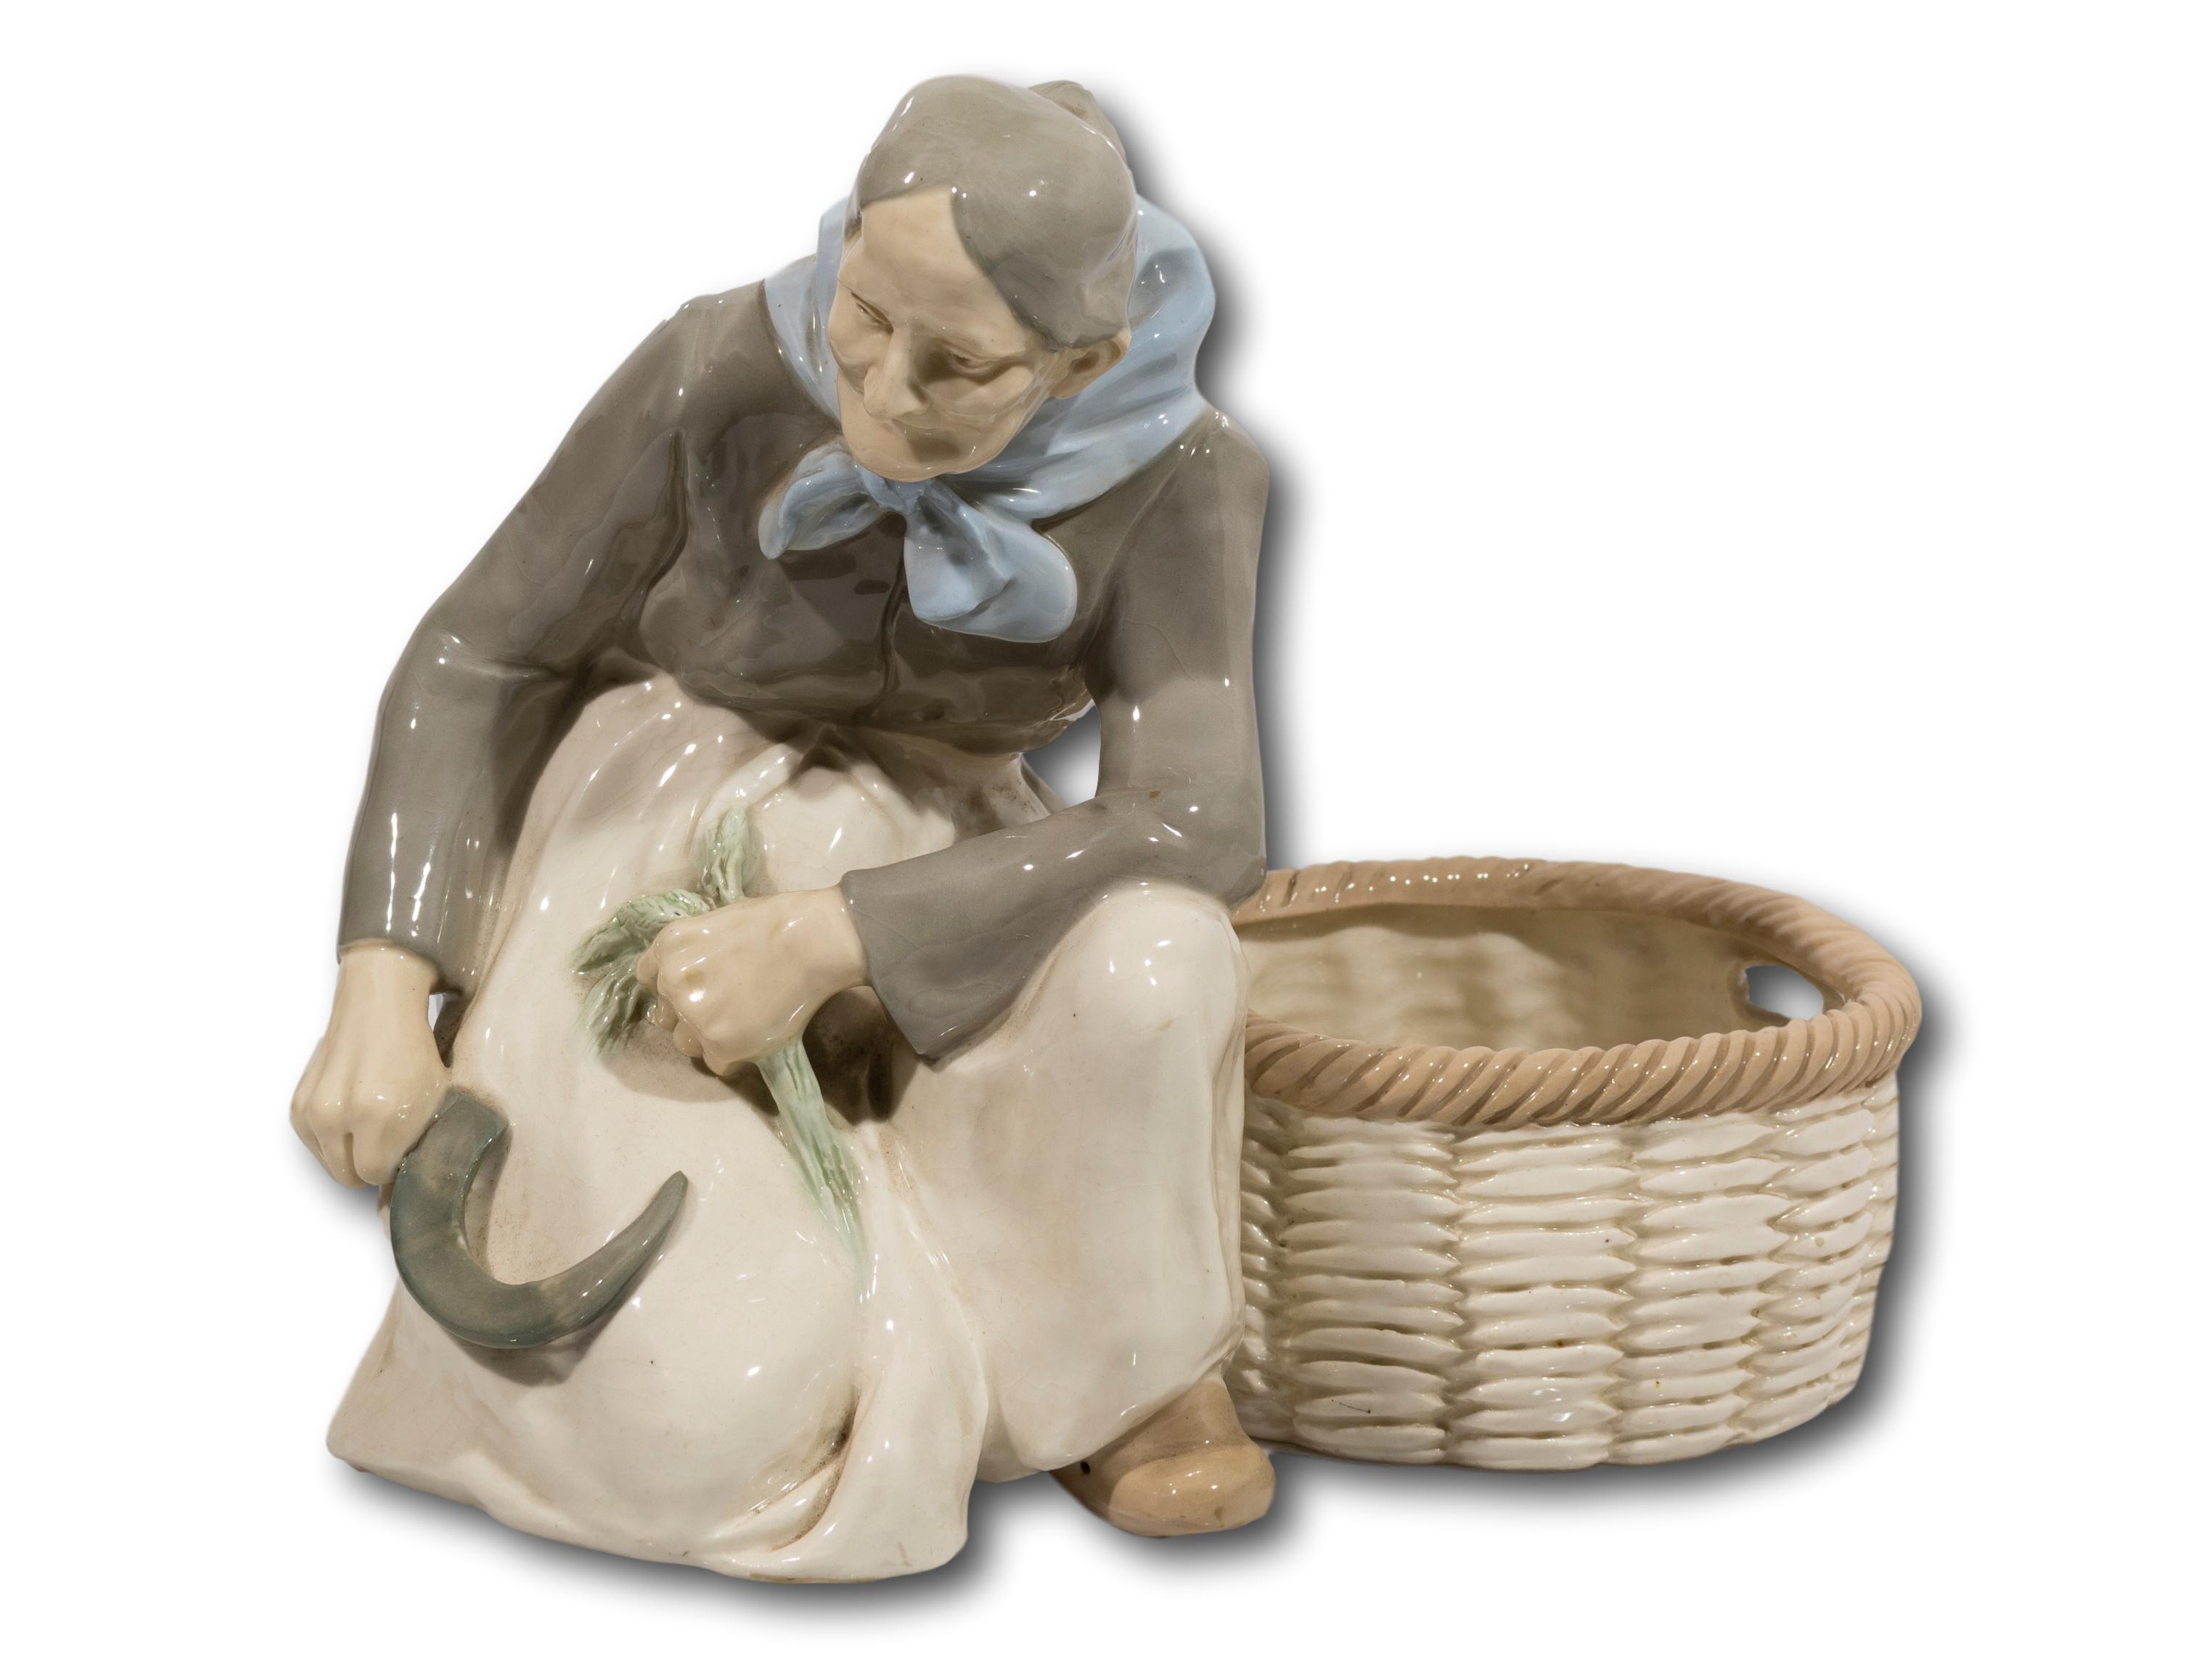 A Porcelain Figurine of a Wheat Cutter & Basket, Stamped Amphora Austria, 23cm